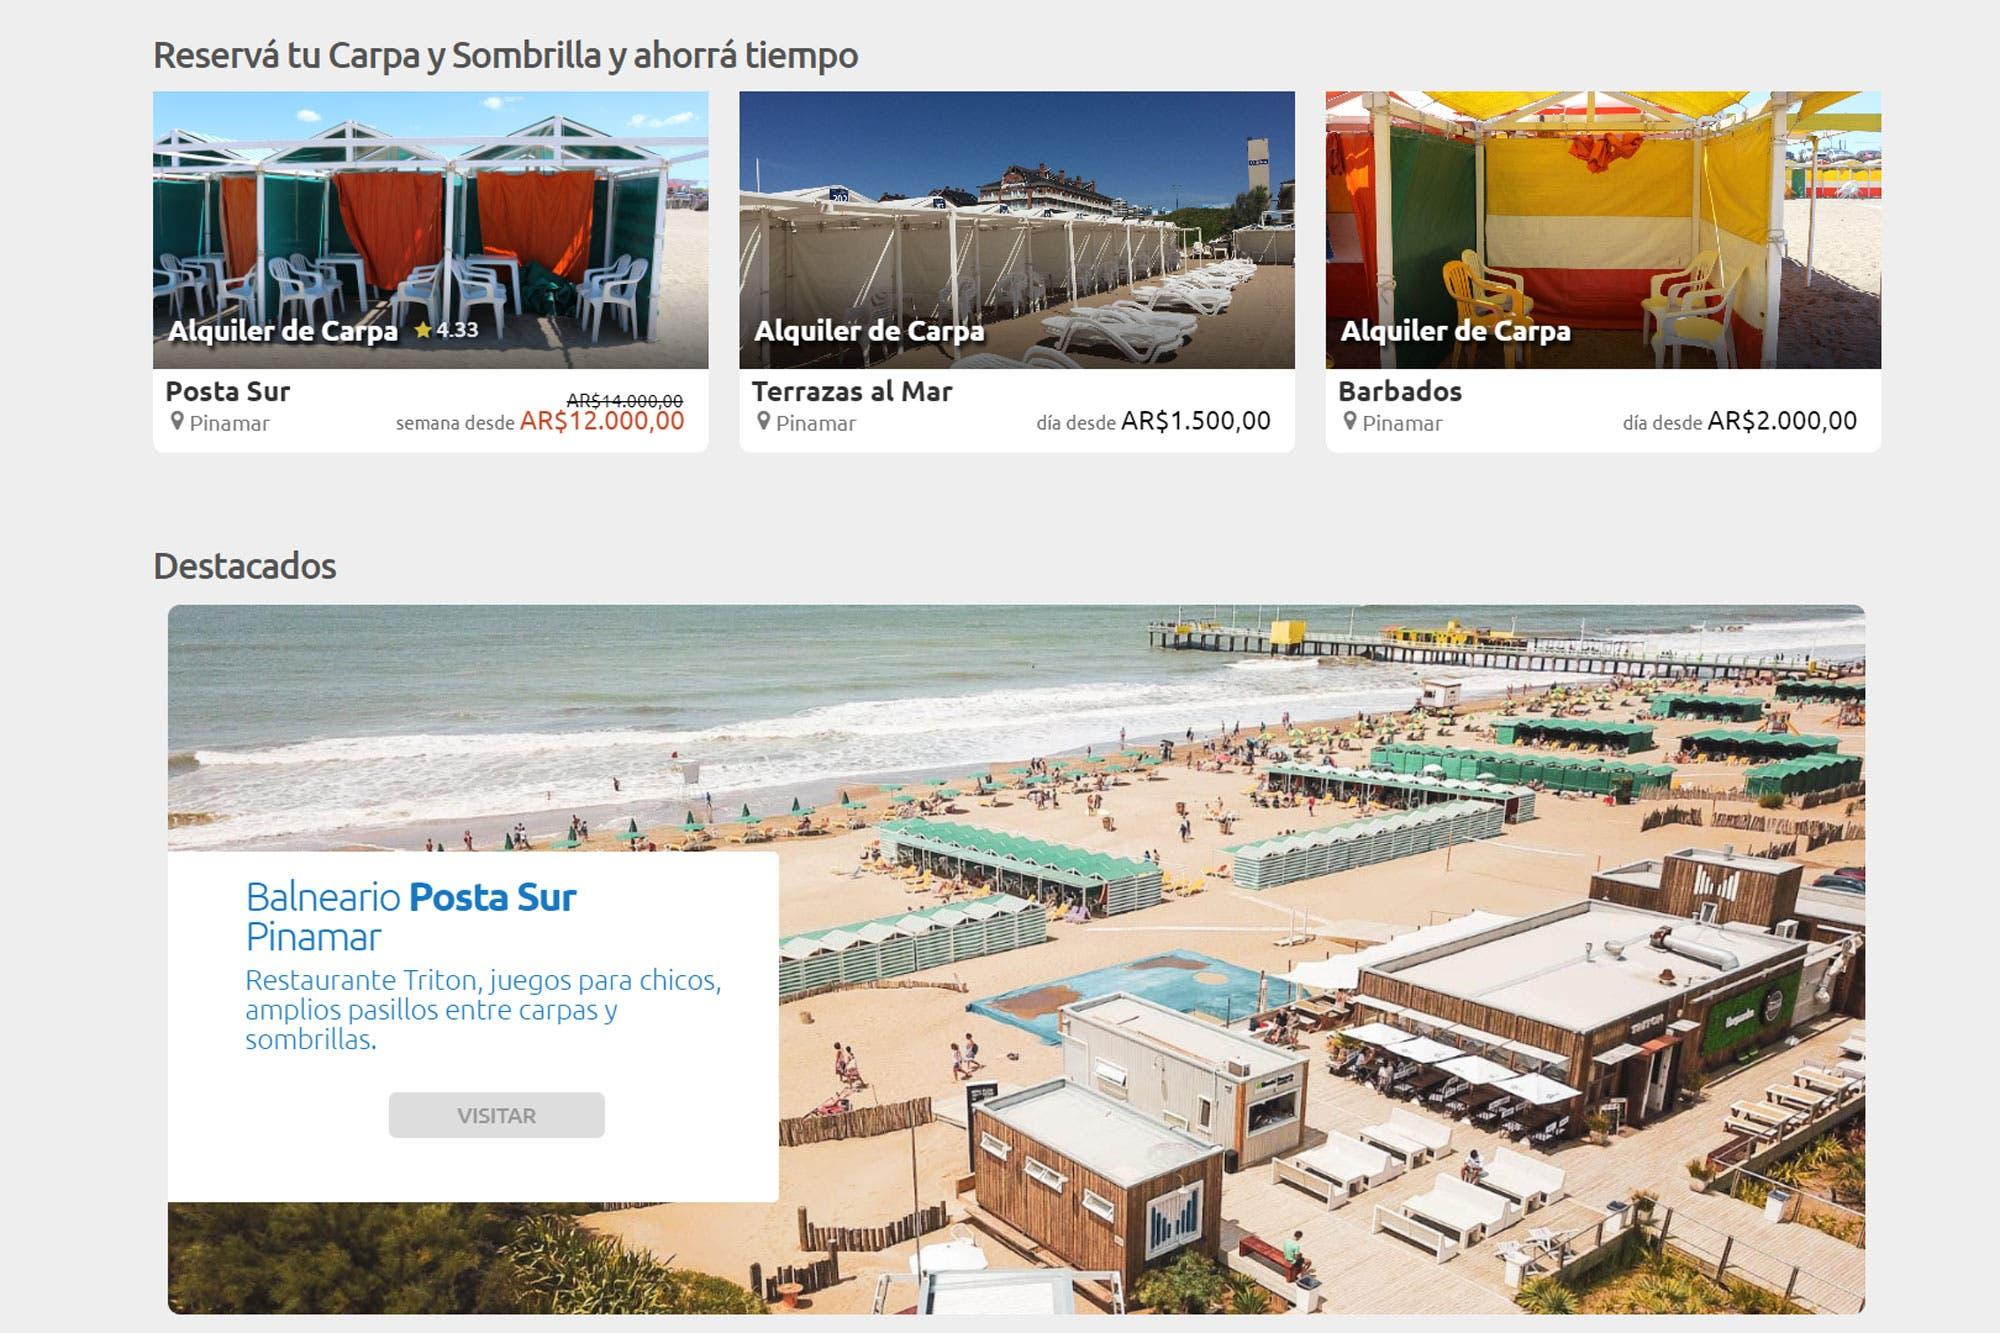 Verano 2021: cómo reservar carpas de los balnearios argentinos desde el living de tu casa